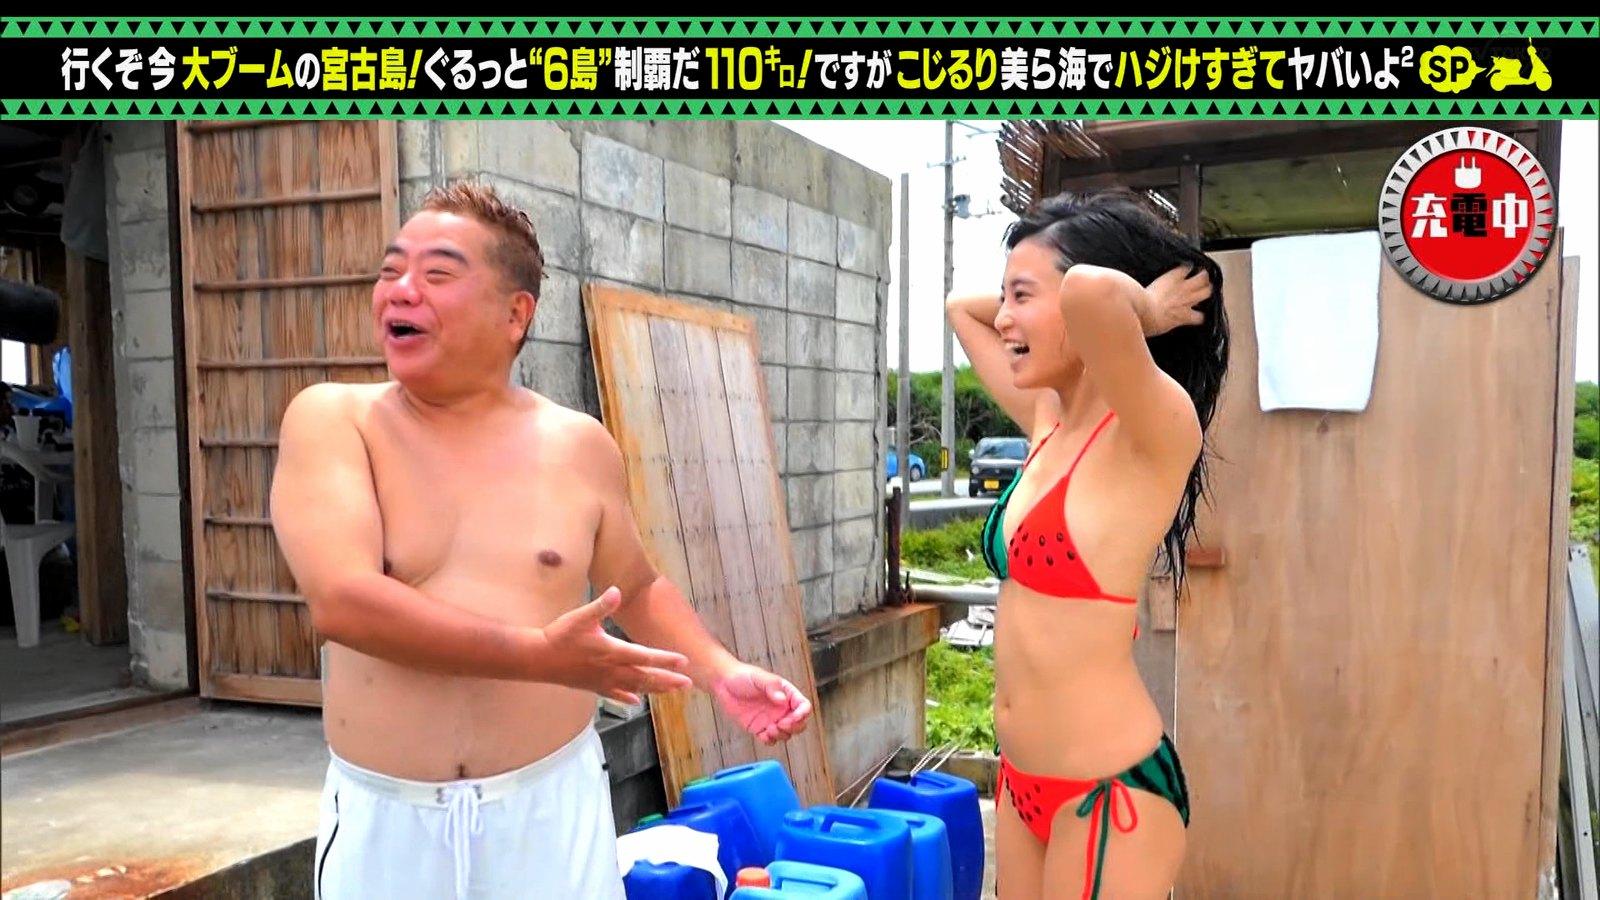 小島瑠璃子_ビキニ水着_お尻_キャプエロ画像_18